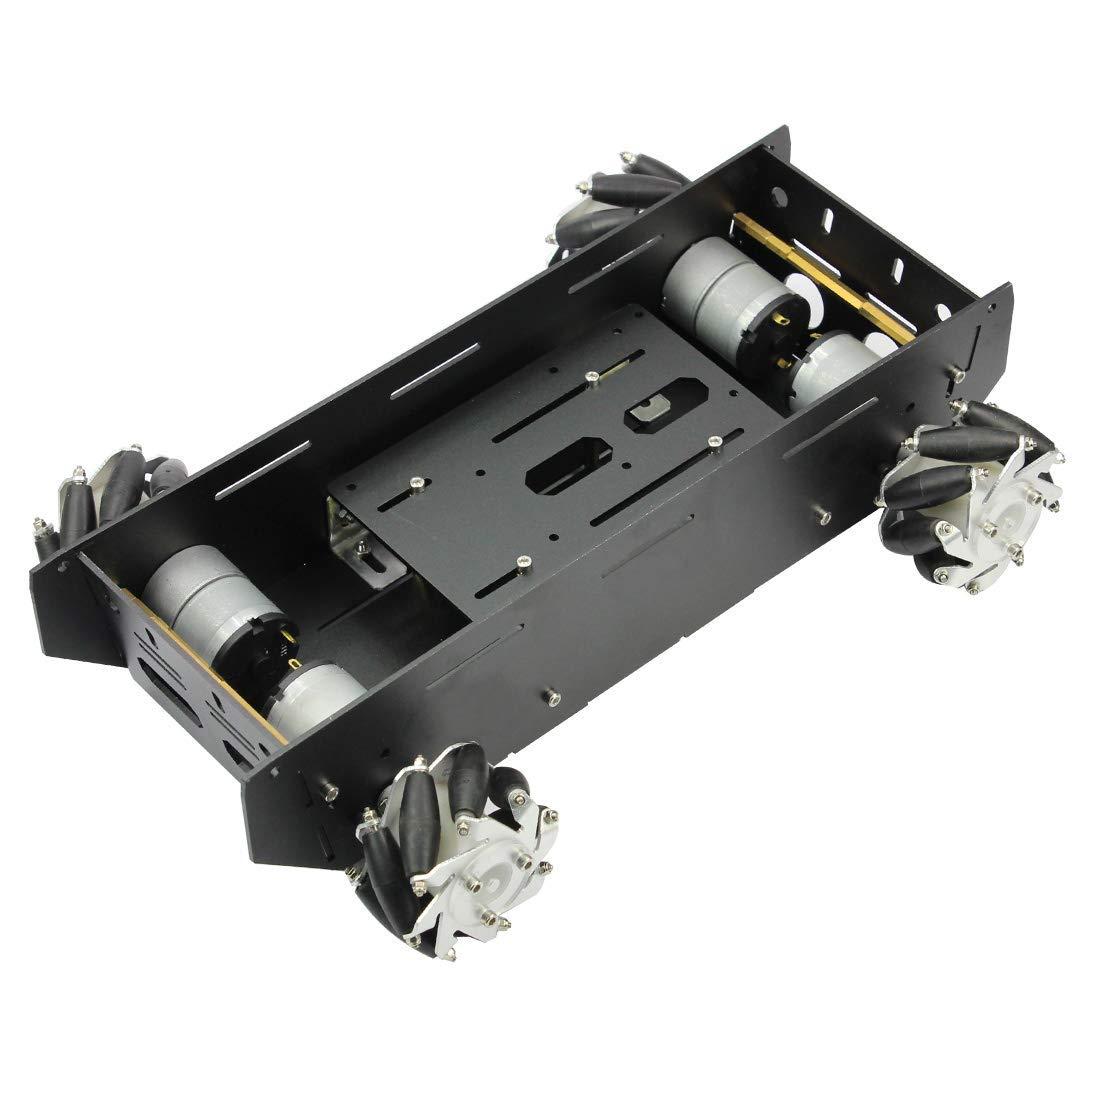 4WD RC châssis de voiture intelligente pour plate-forme Arduino avec moteur 12 V bricolage 4 roues Robot - 5